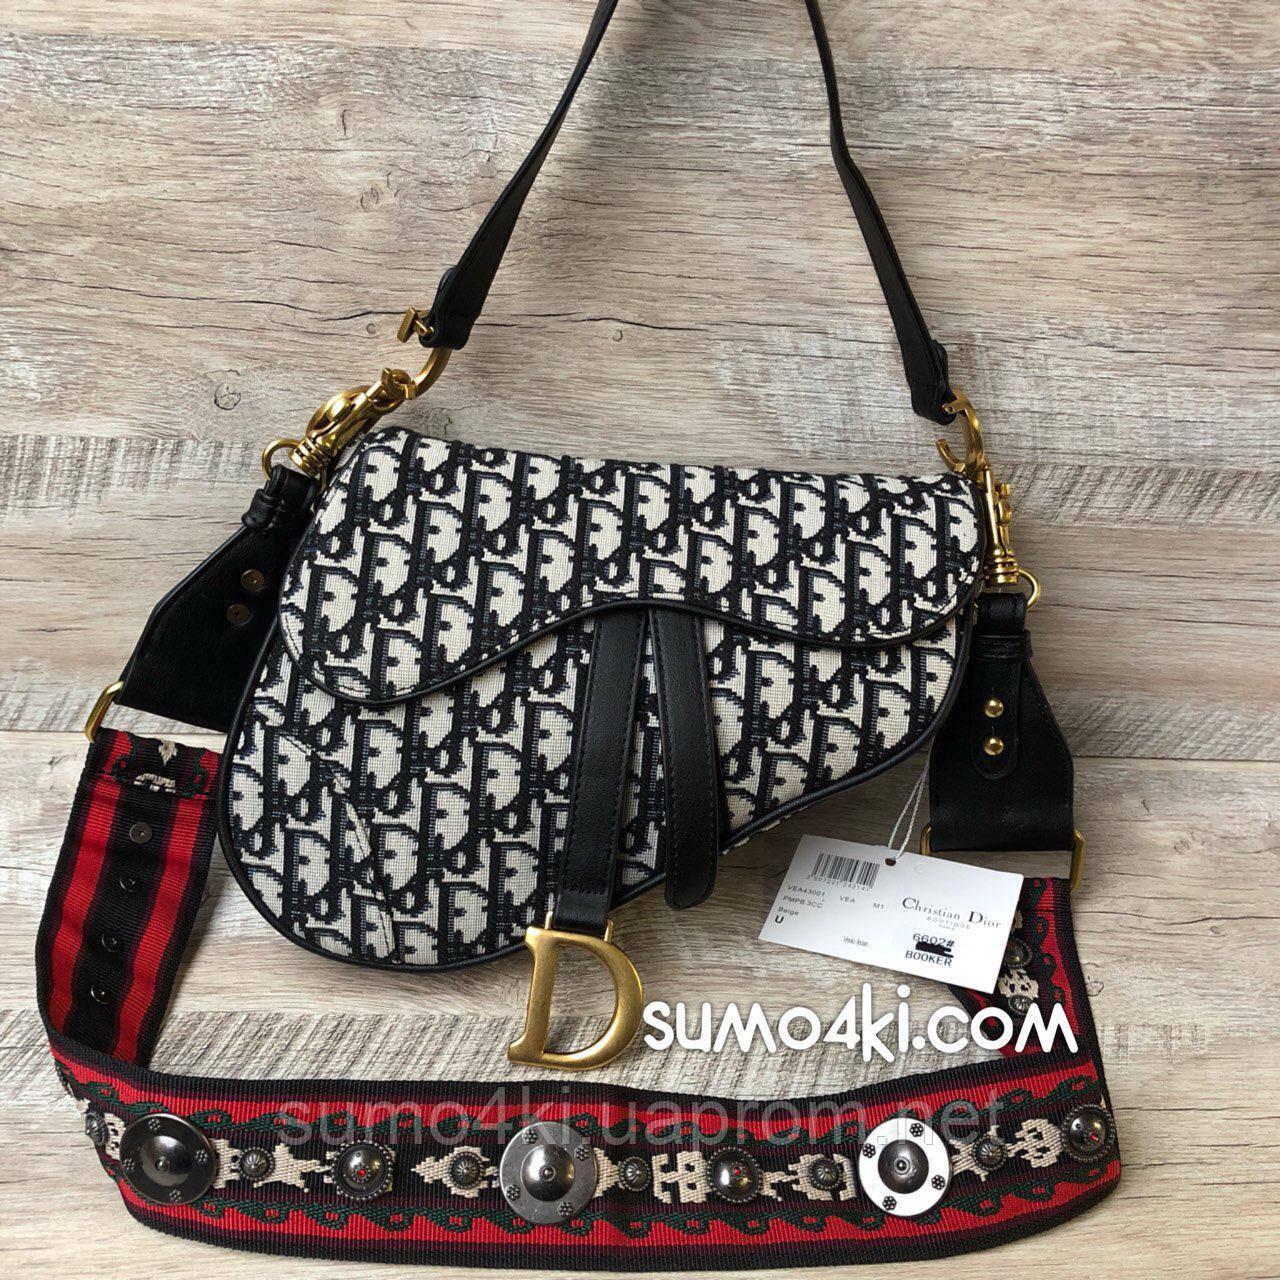 Купить Женскую сумку Christian Dior Saddle оптом и в розницу в ... b96d5f6297ec5